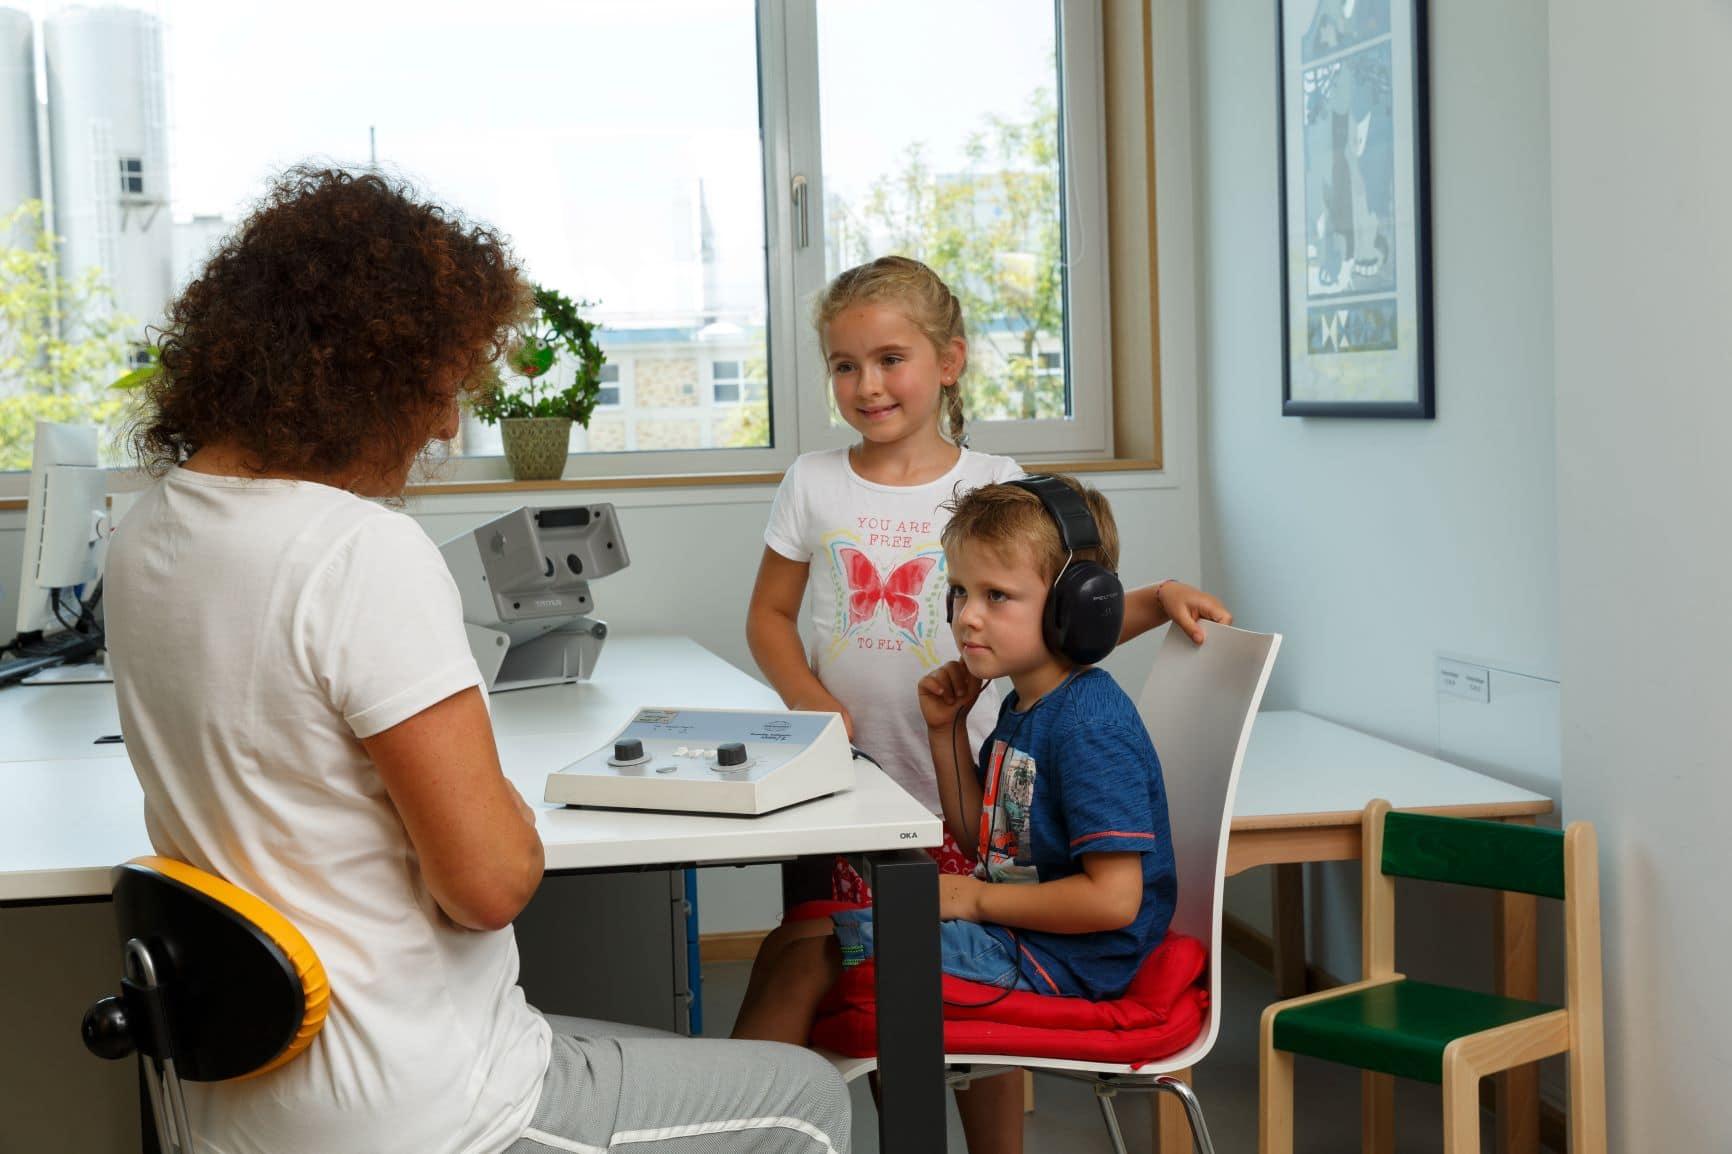 Hört mein Kind richtig? Spricht es altersgemäß? Kostenlose Beratung bei Hör- und Sprachproblemen am 24. September